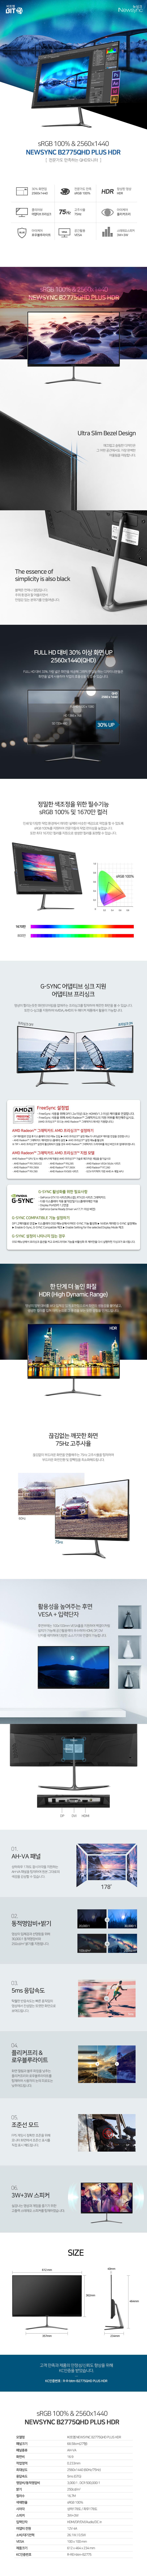 비트엠 Newsync B2775QHD PLUS HDR 무결점